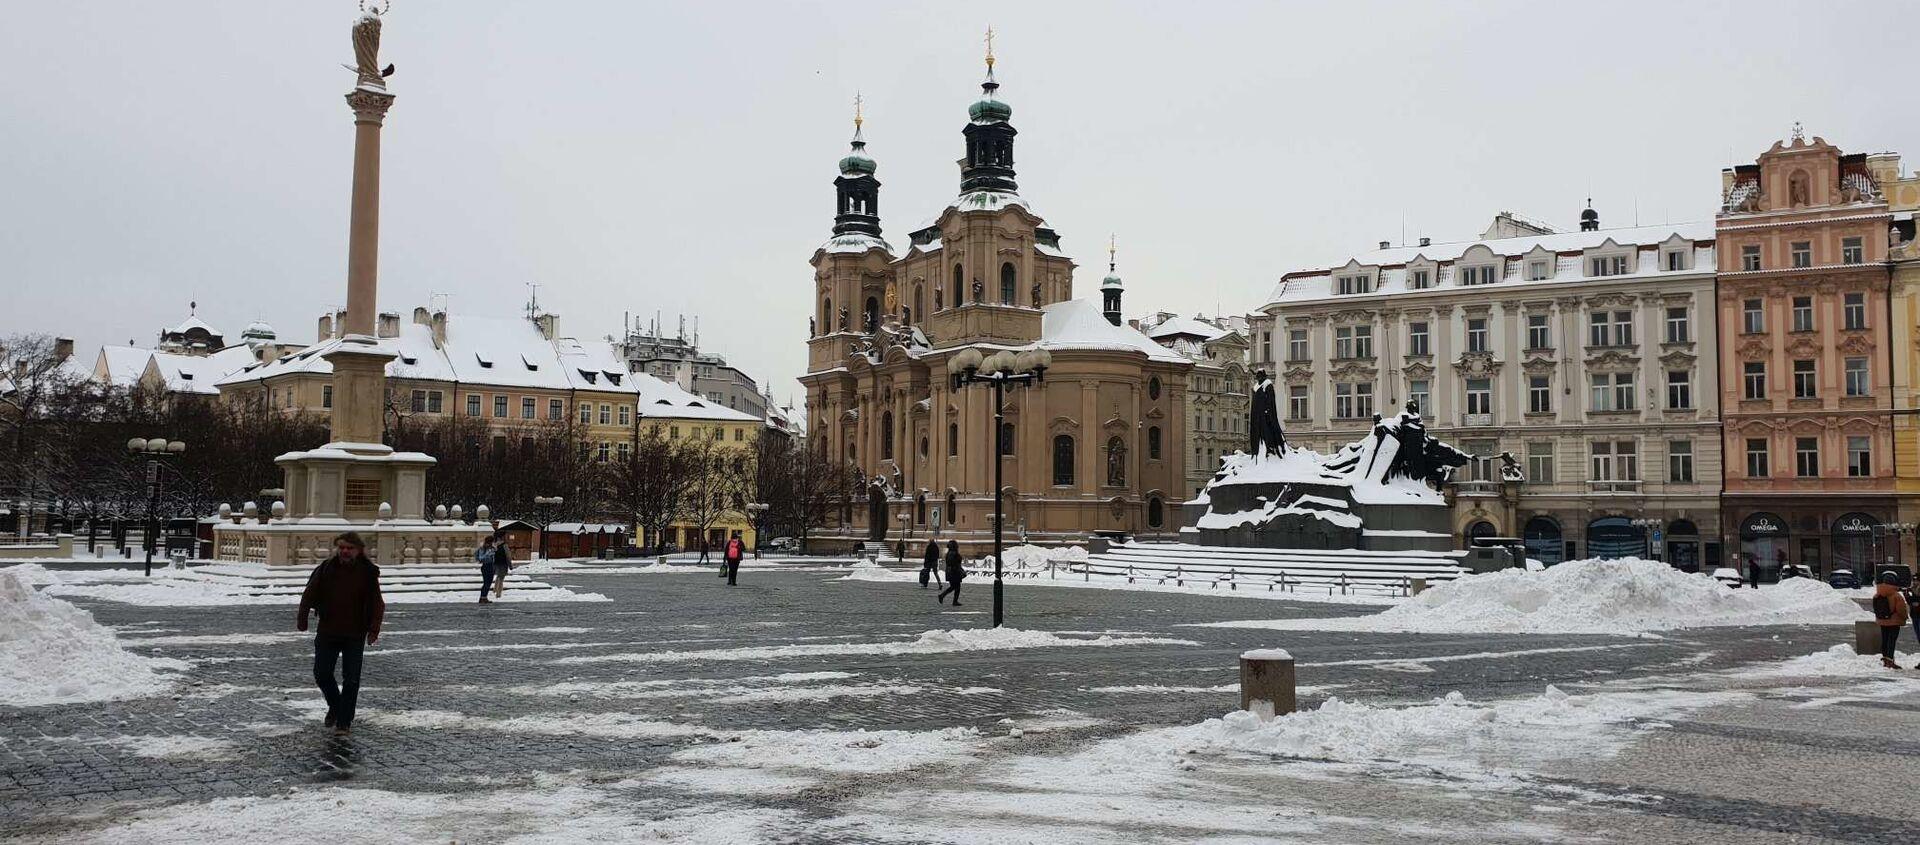 Jinde dnes Praha zela prázdnotou, nezvykle pustě dnes vyhlíželo Staroměstské náměstí... - Sputnik Česká republika, 1920, 21.02.2021